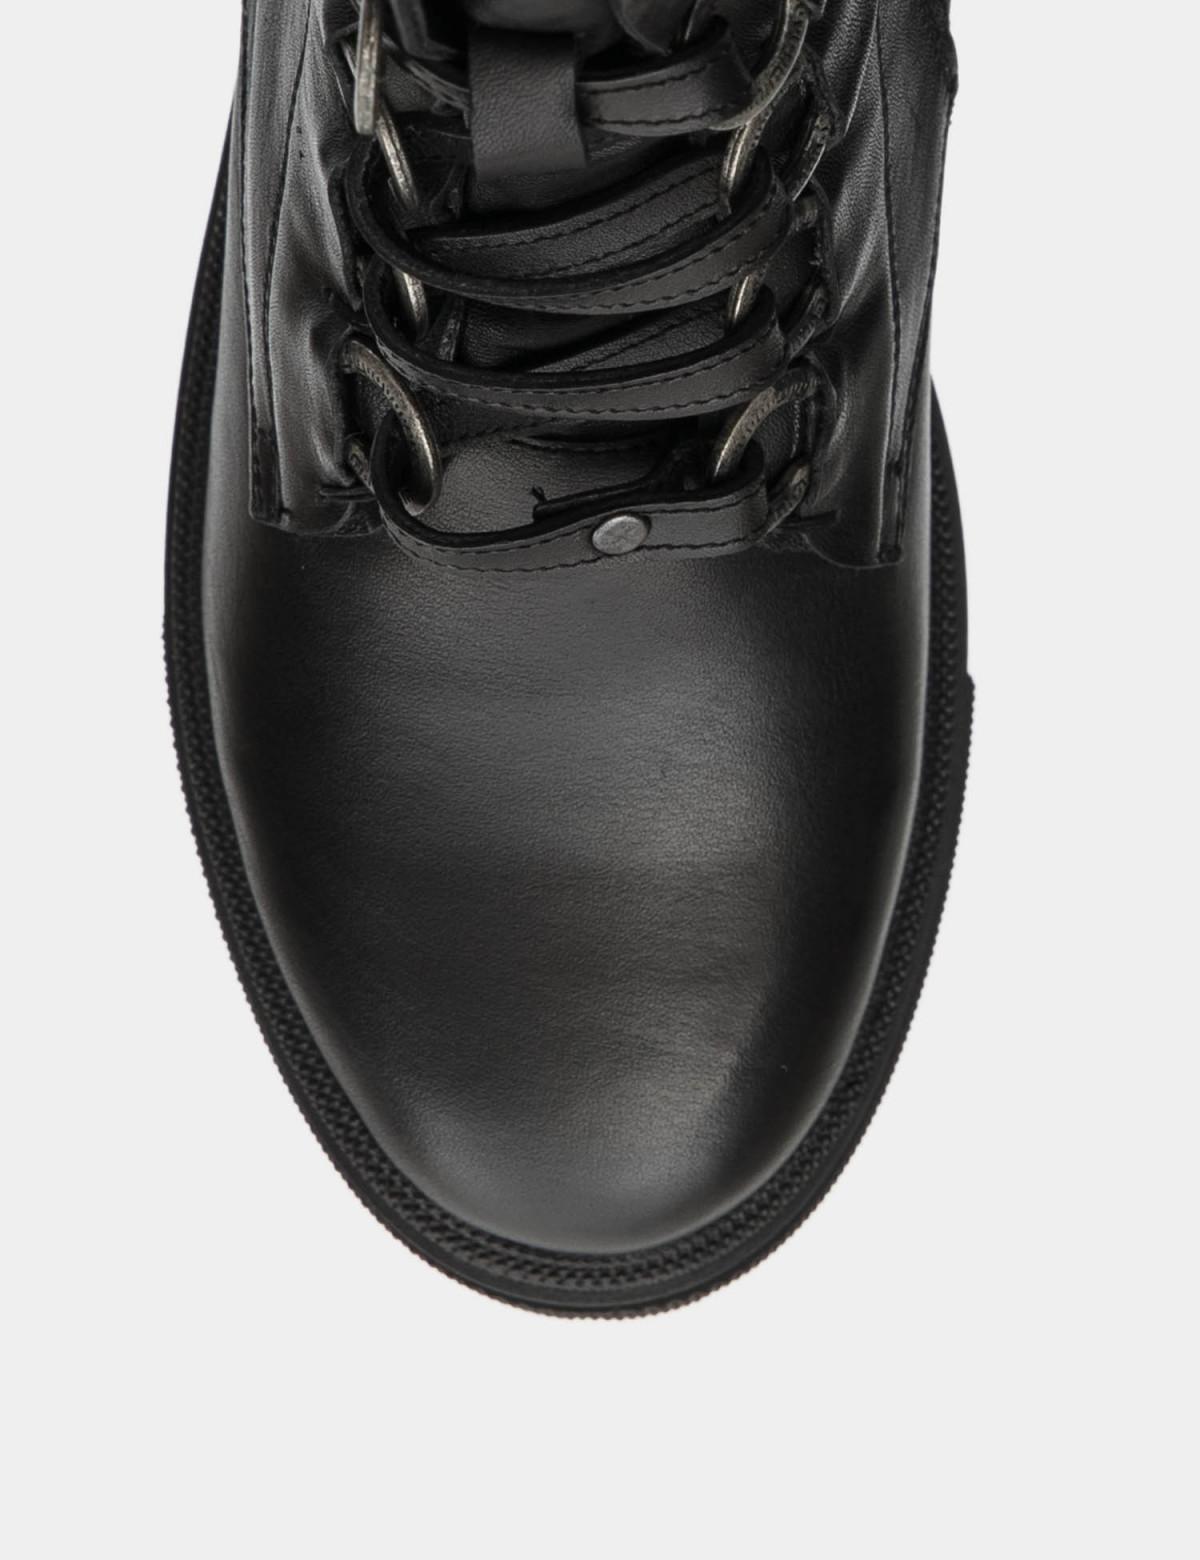 Черевики чорні. натуральна шкіра. Вовна3